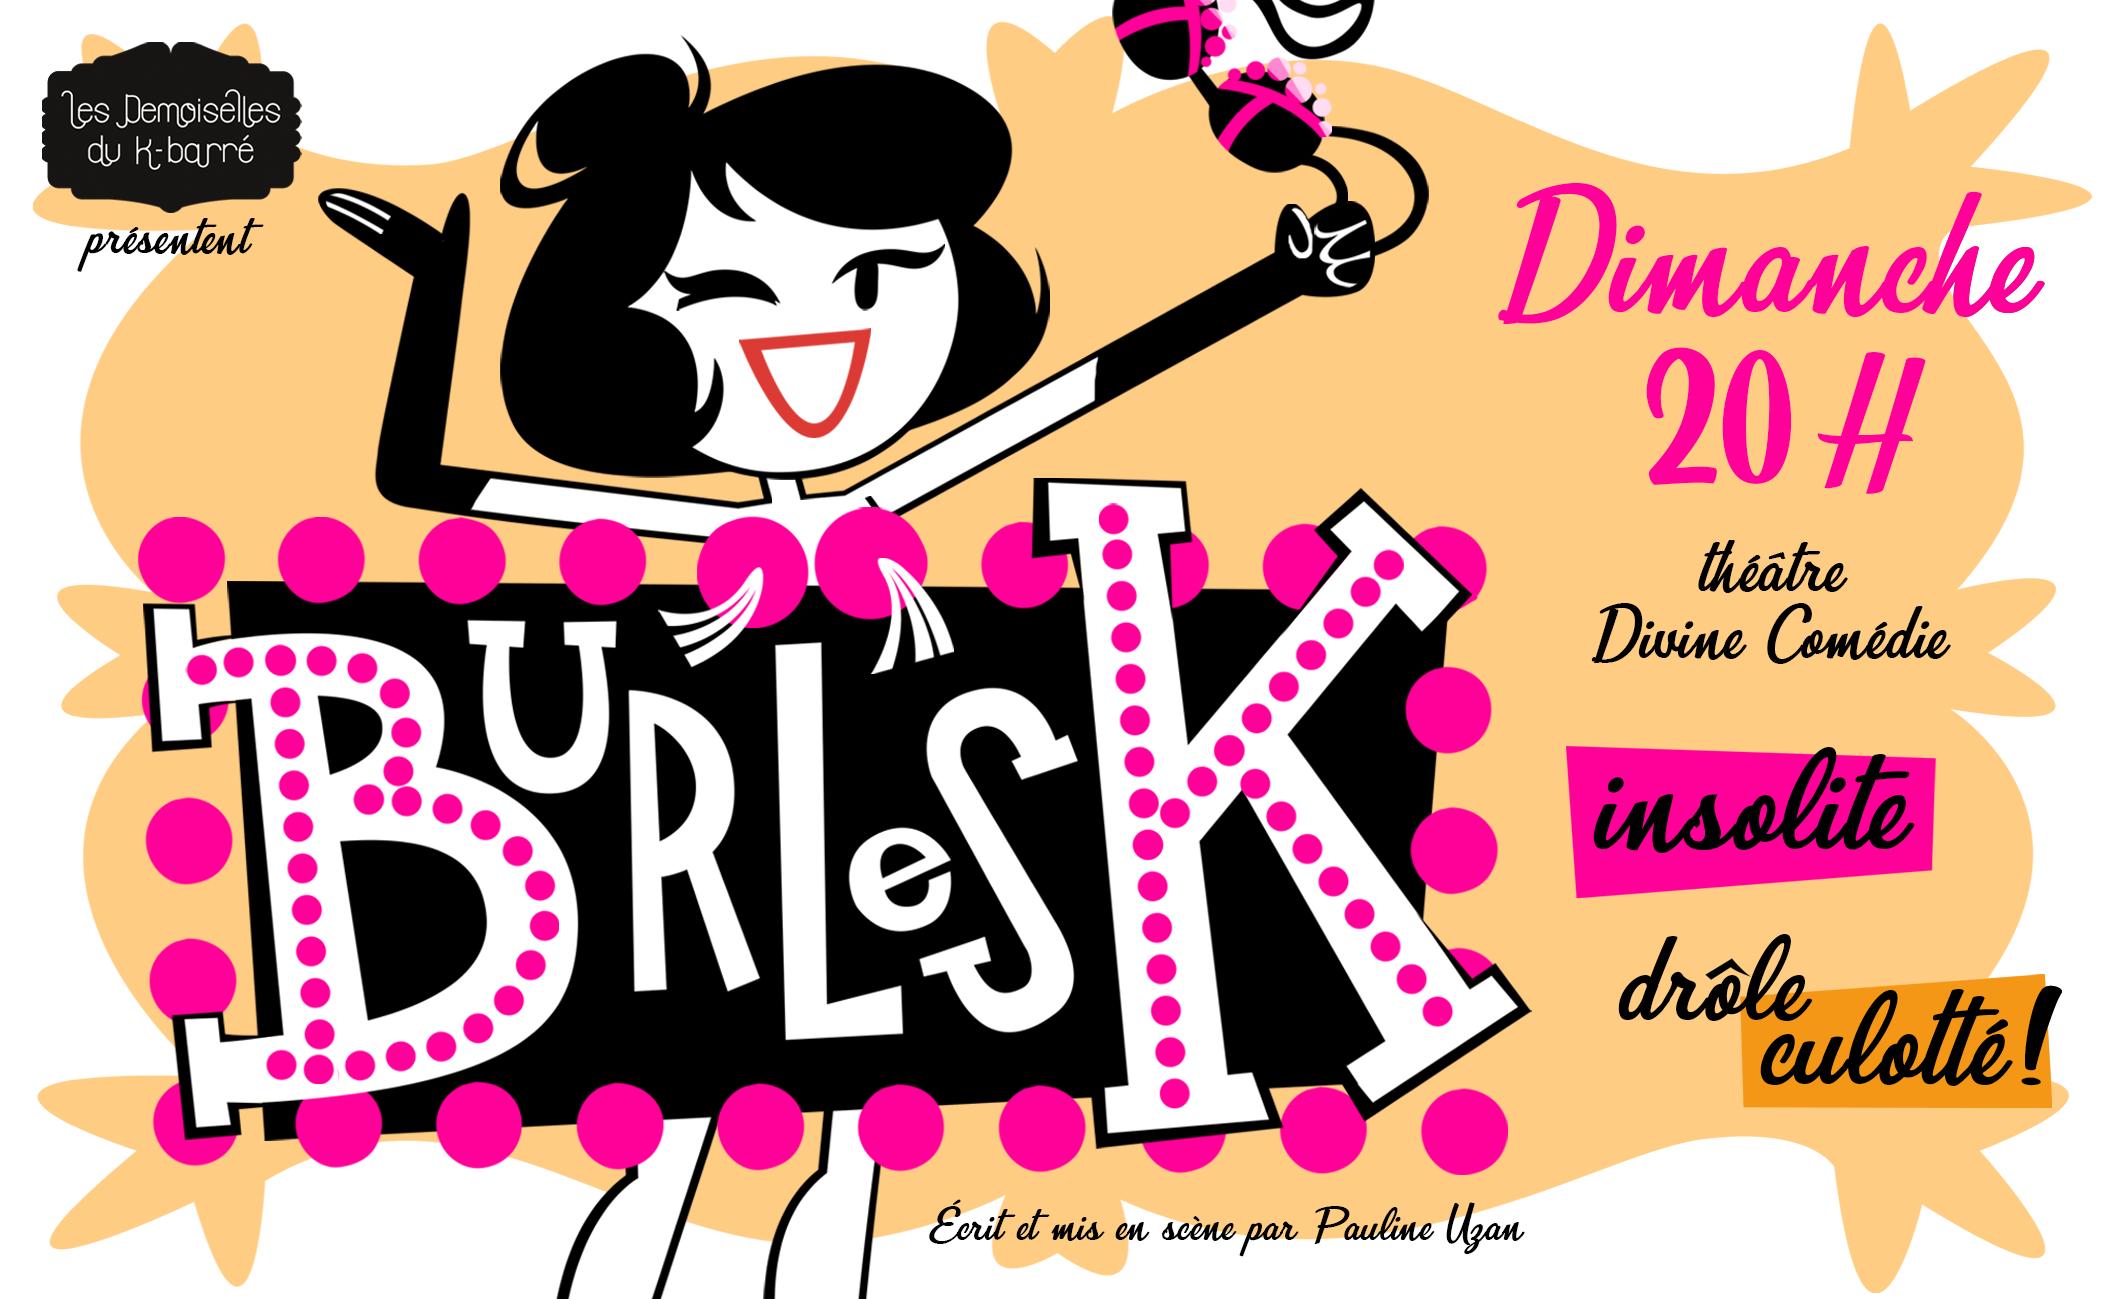 burlesk-burlesque-humour-cabaret-glamour-sortiràparis